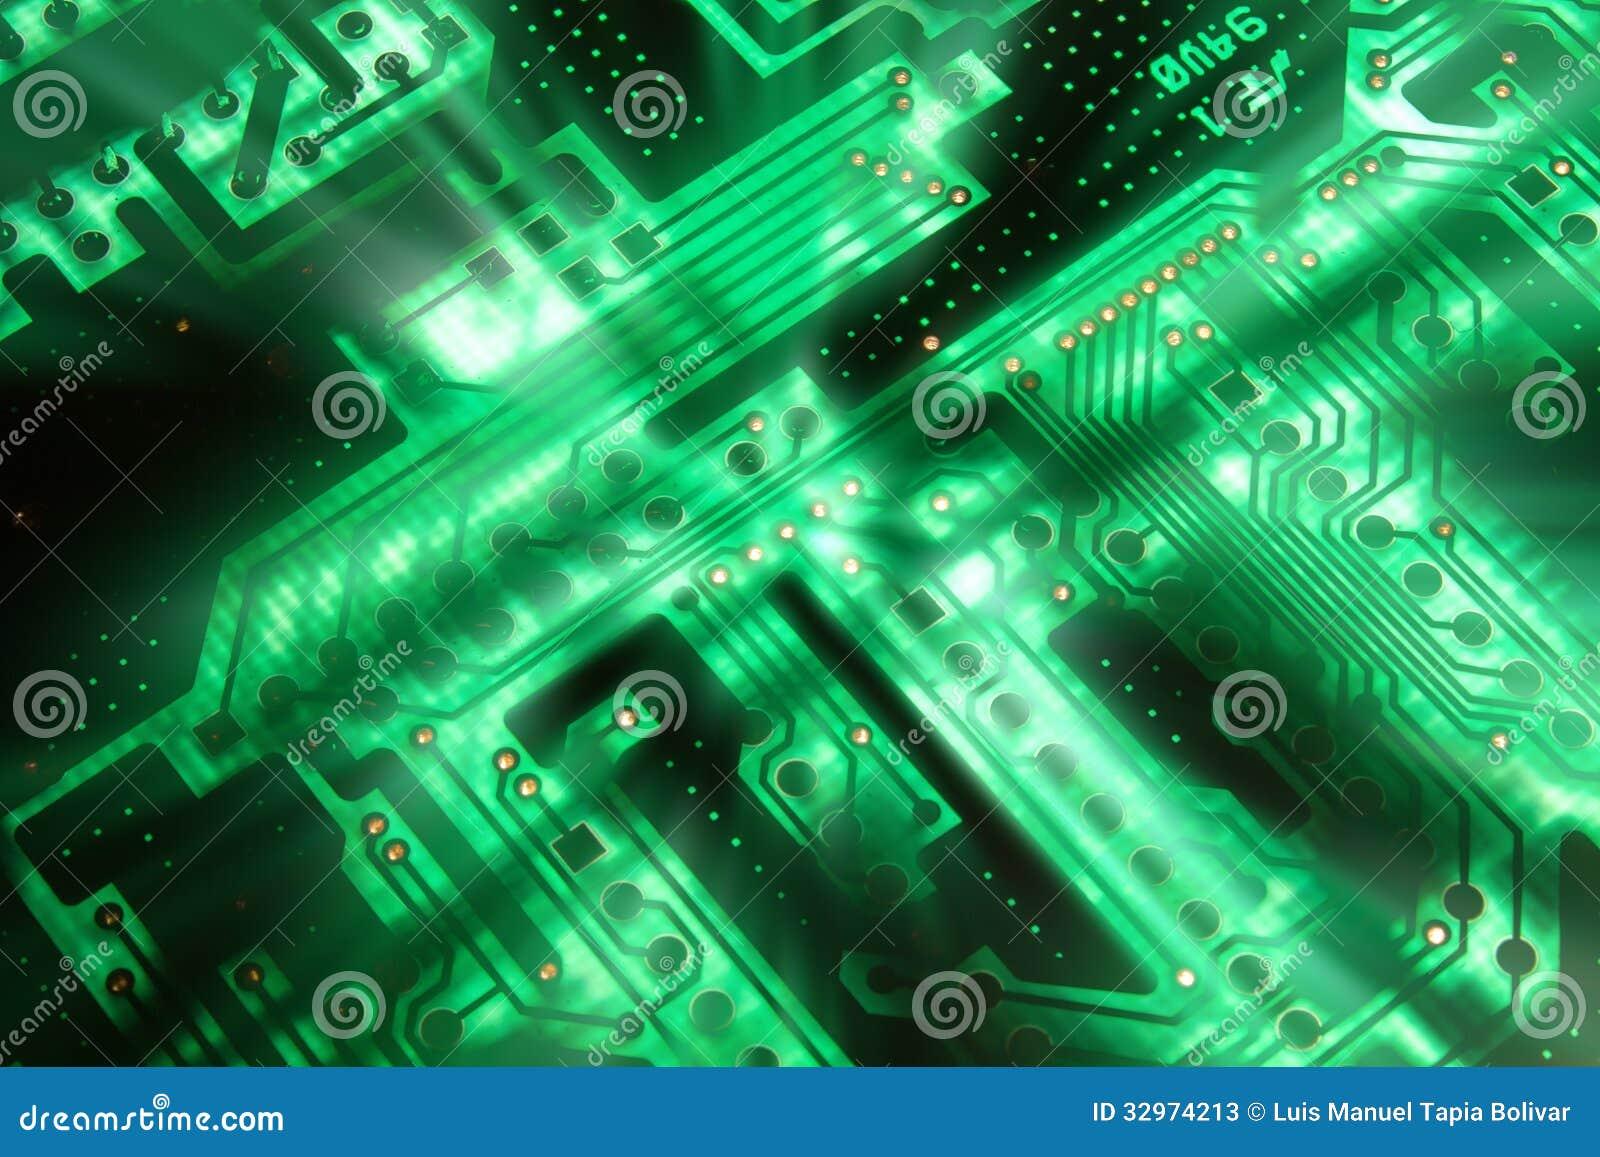 Circuito Eletrico : Circuito elétrico fotos de stock imagem